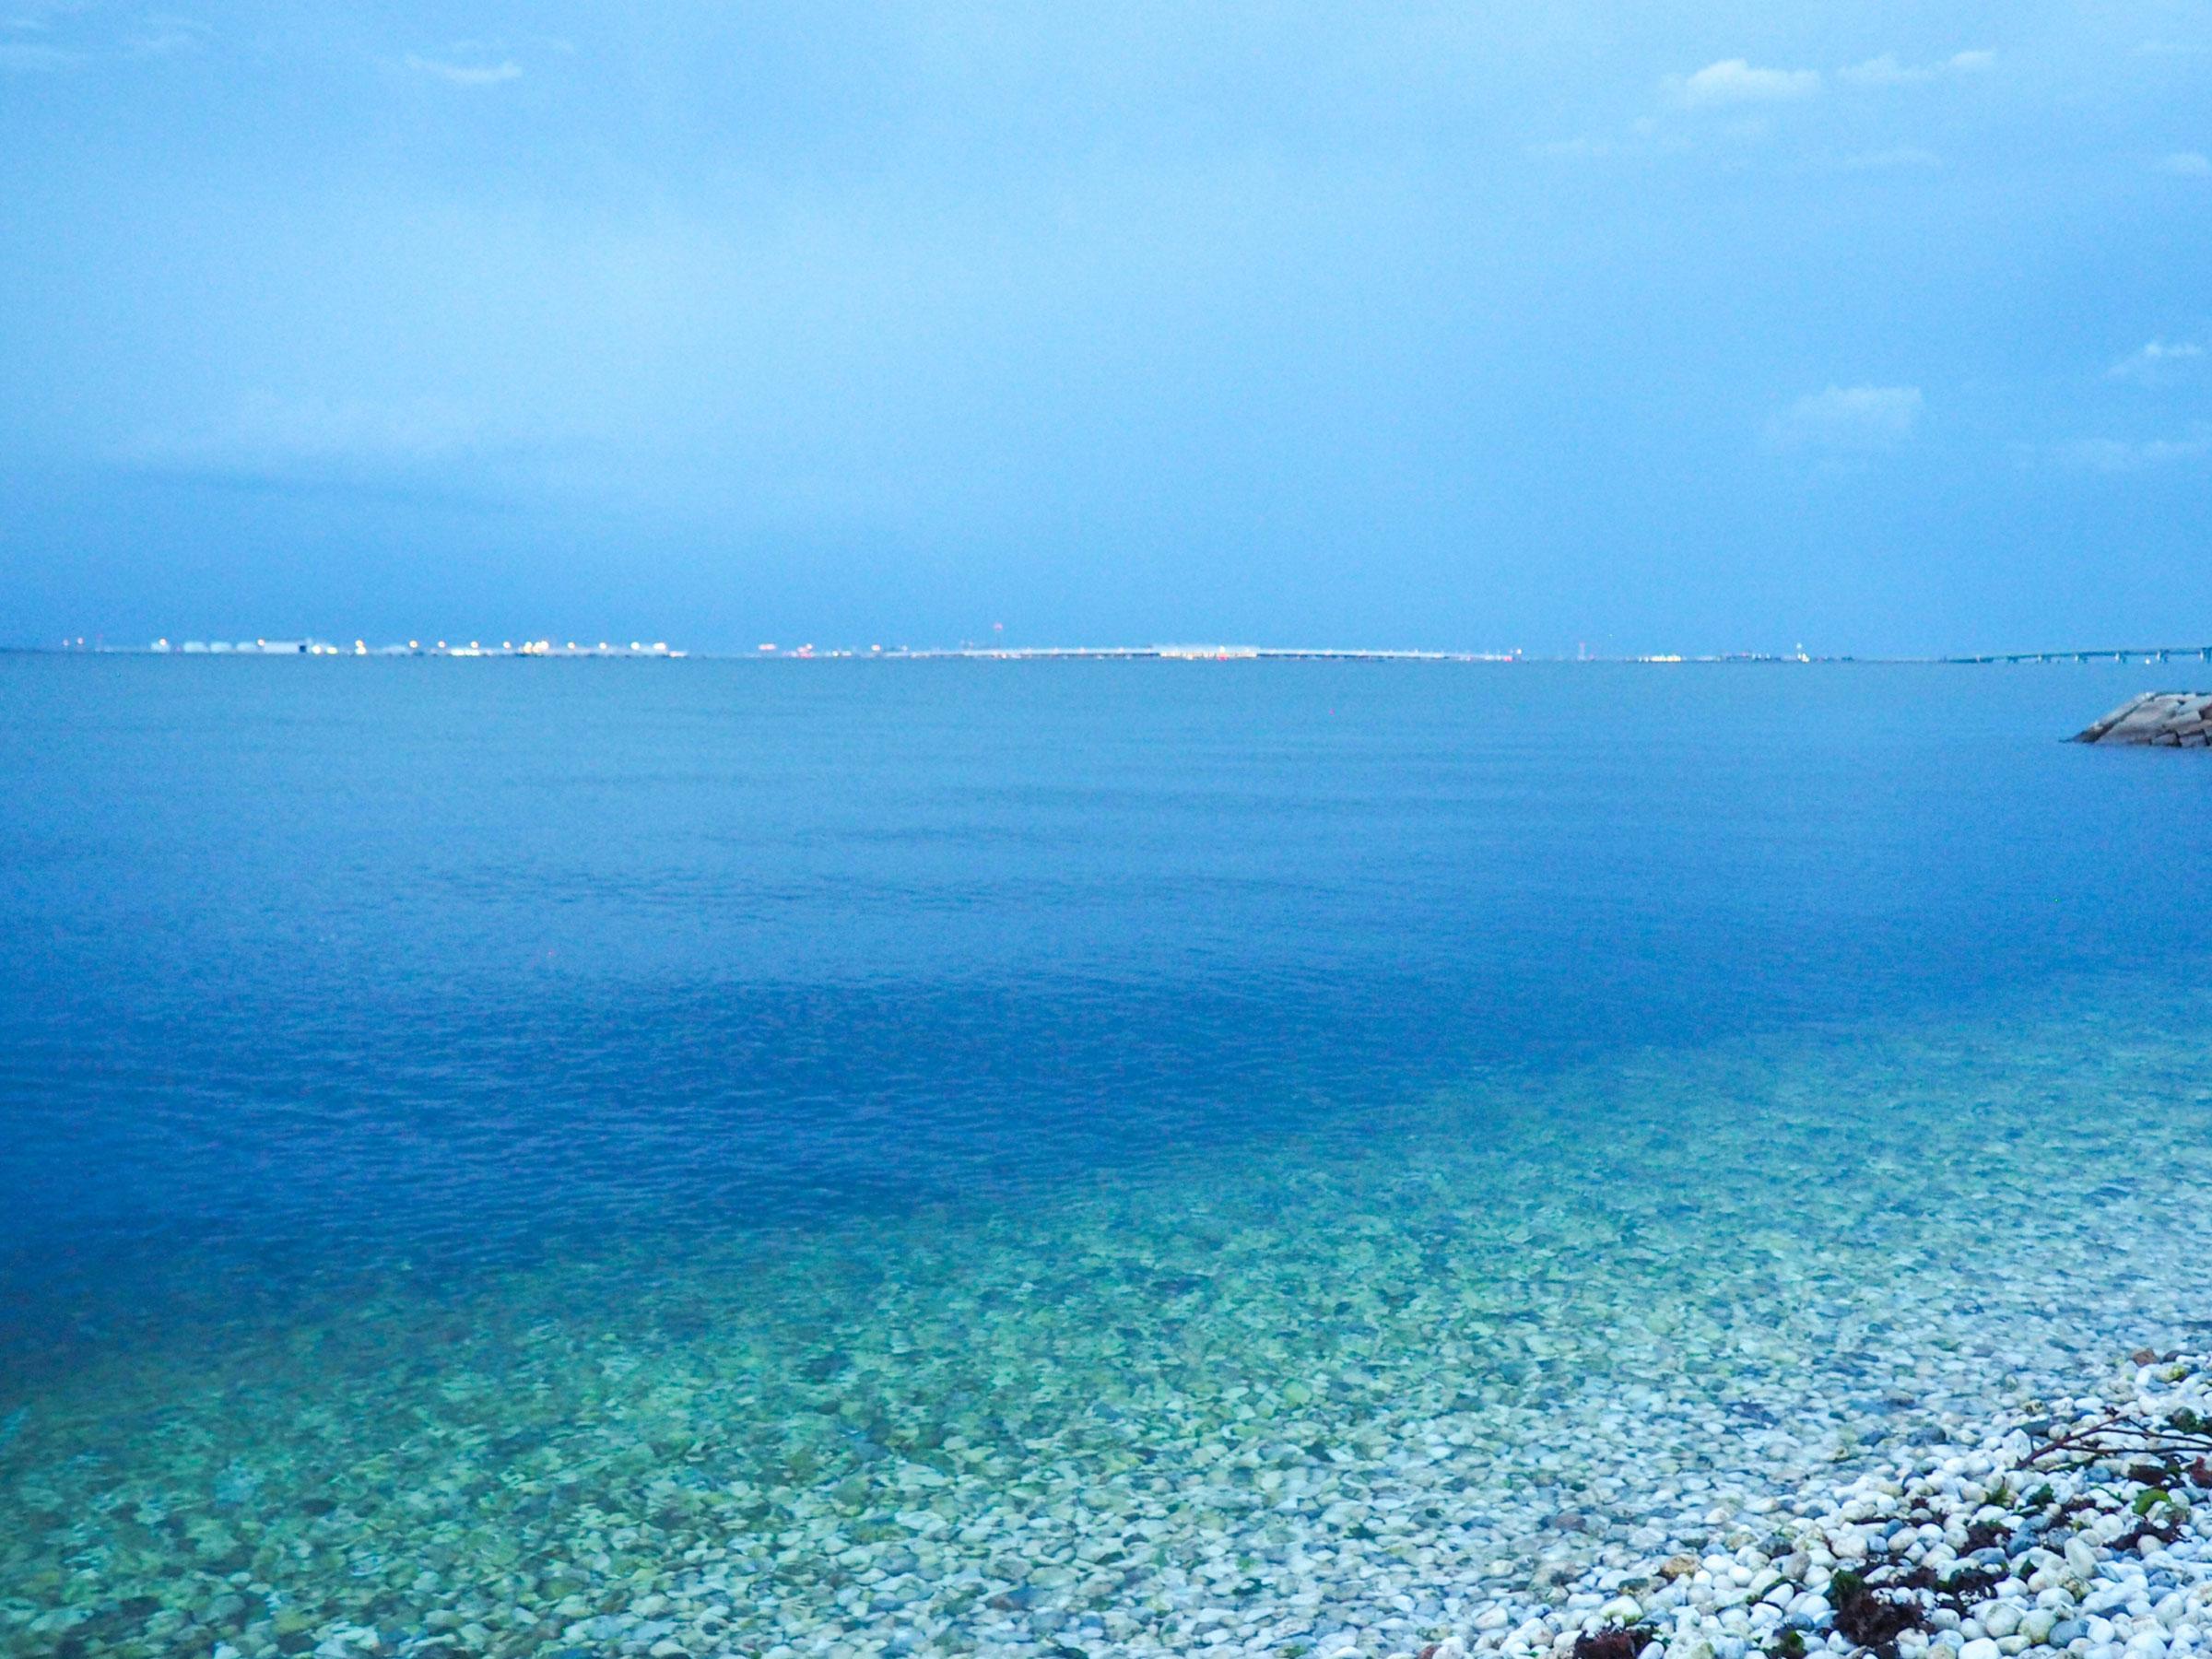 【大阪府】夏の絶景・風物詩5選 白い大理石と青い海の鮮やかなビーチ